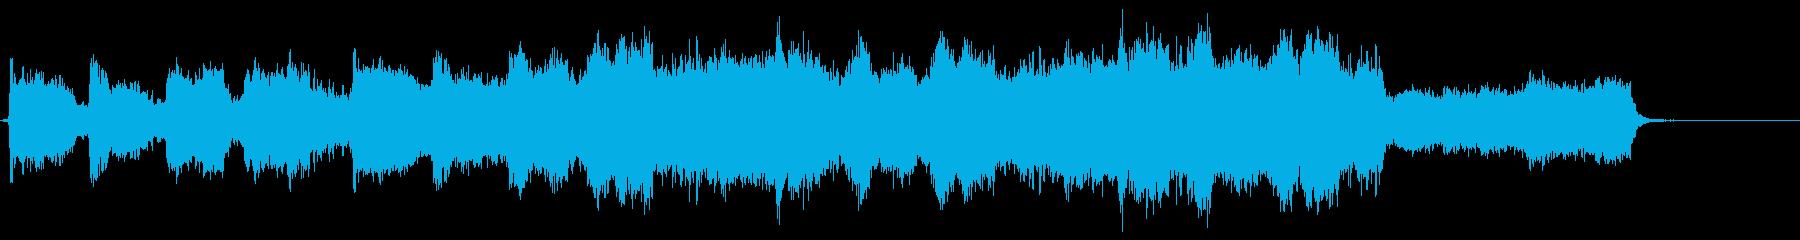 ゴスペル調ハレルヤコーラスとストリングスの再生済みの波形